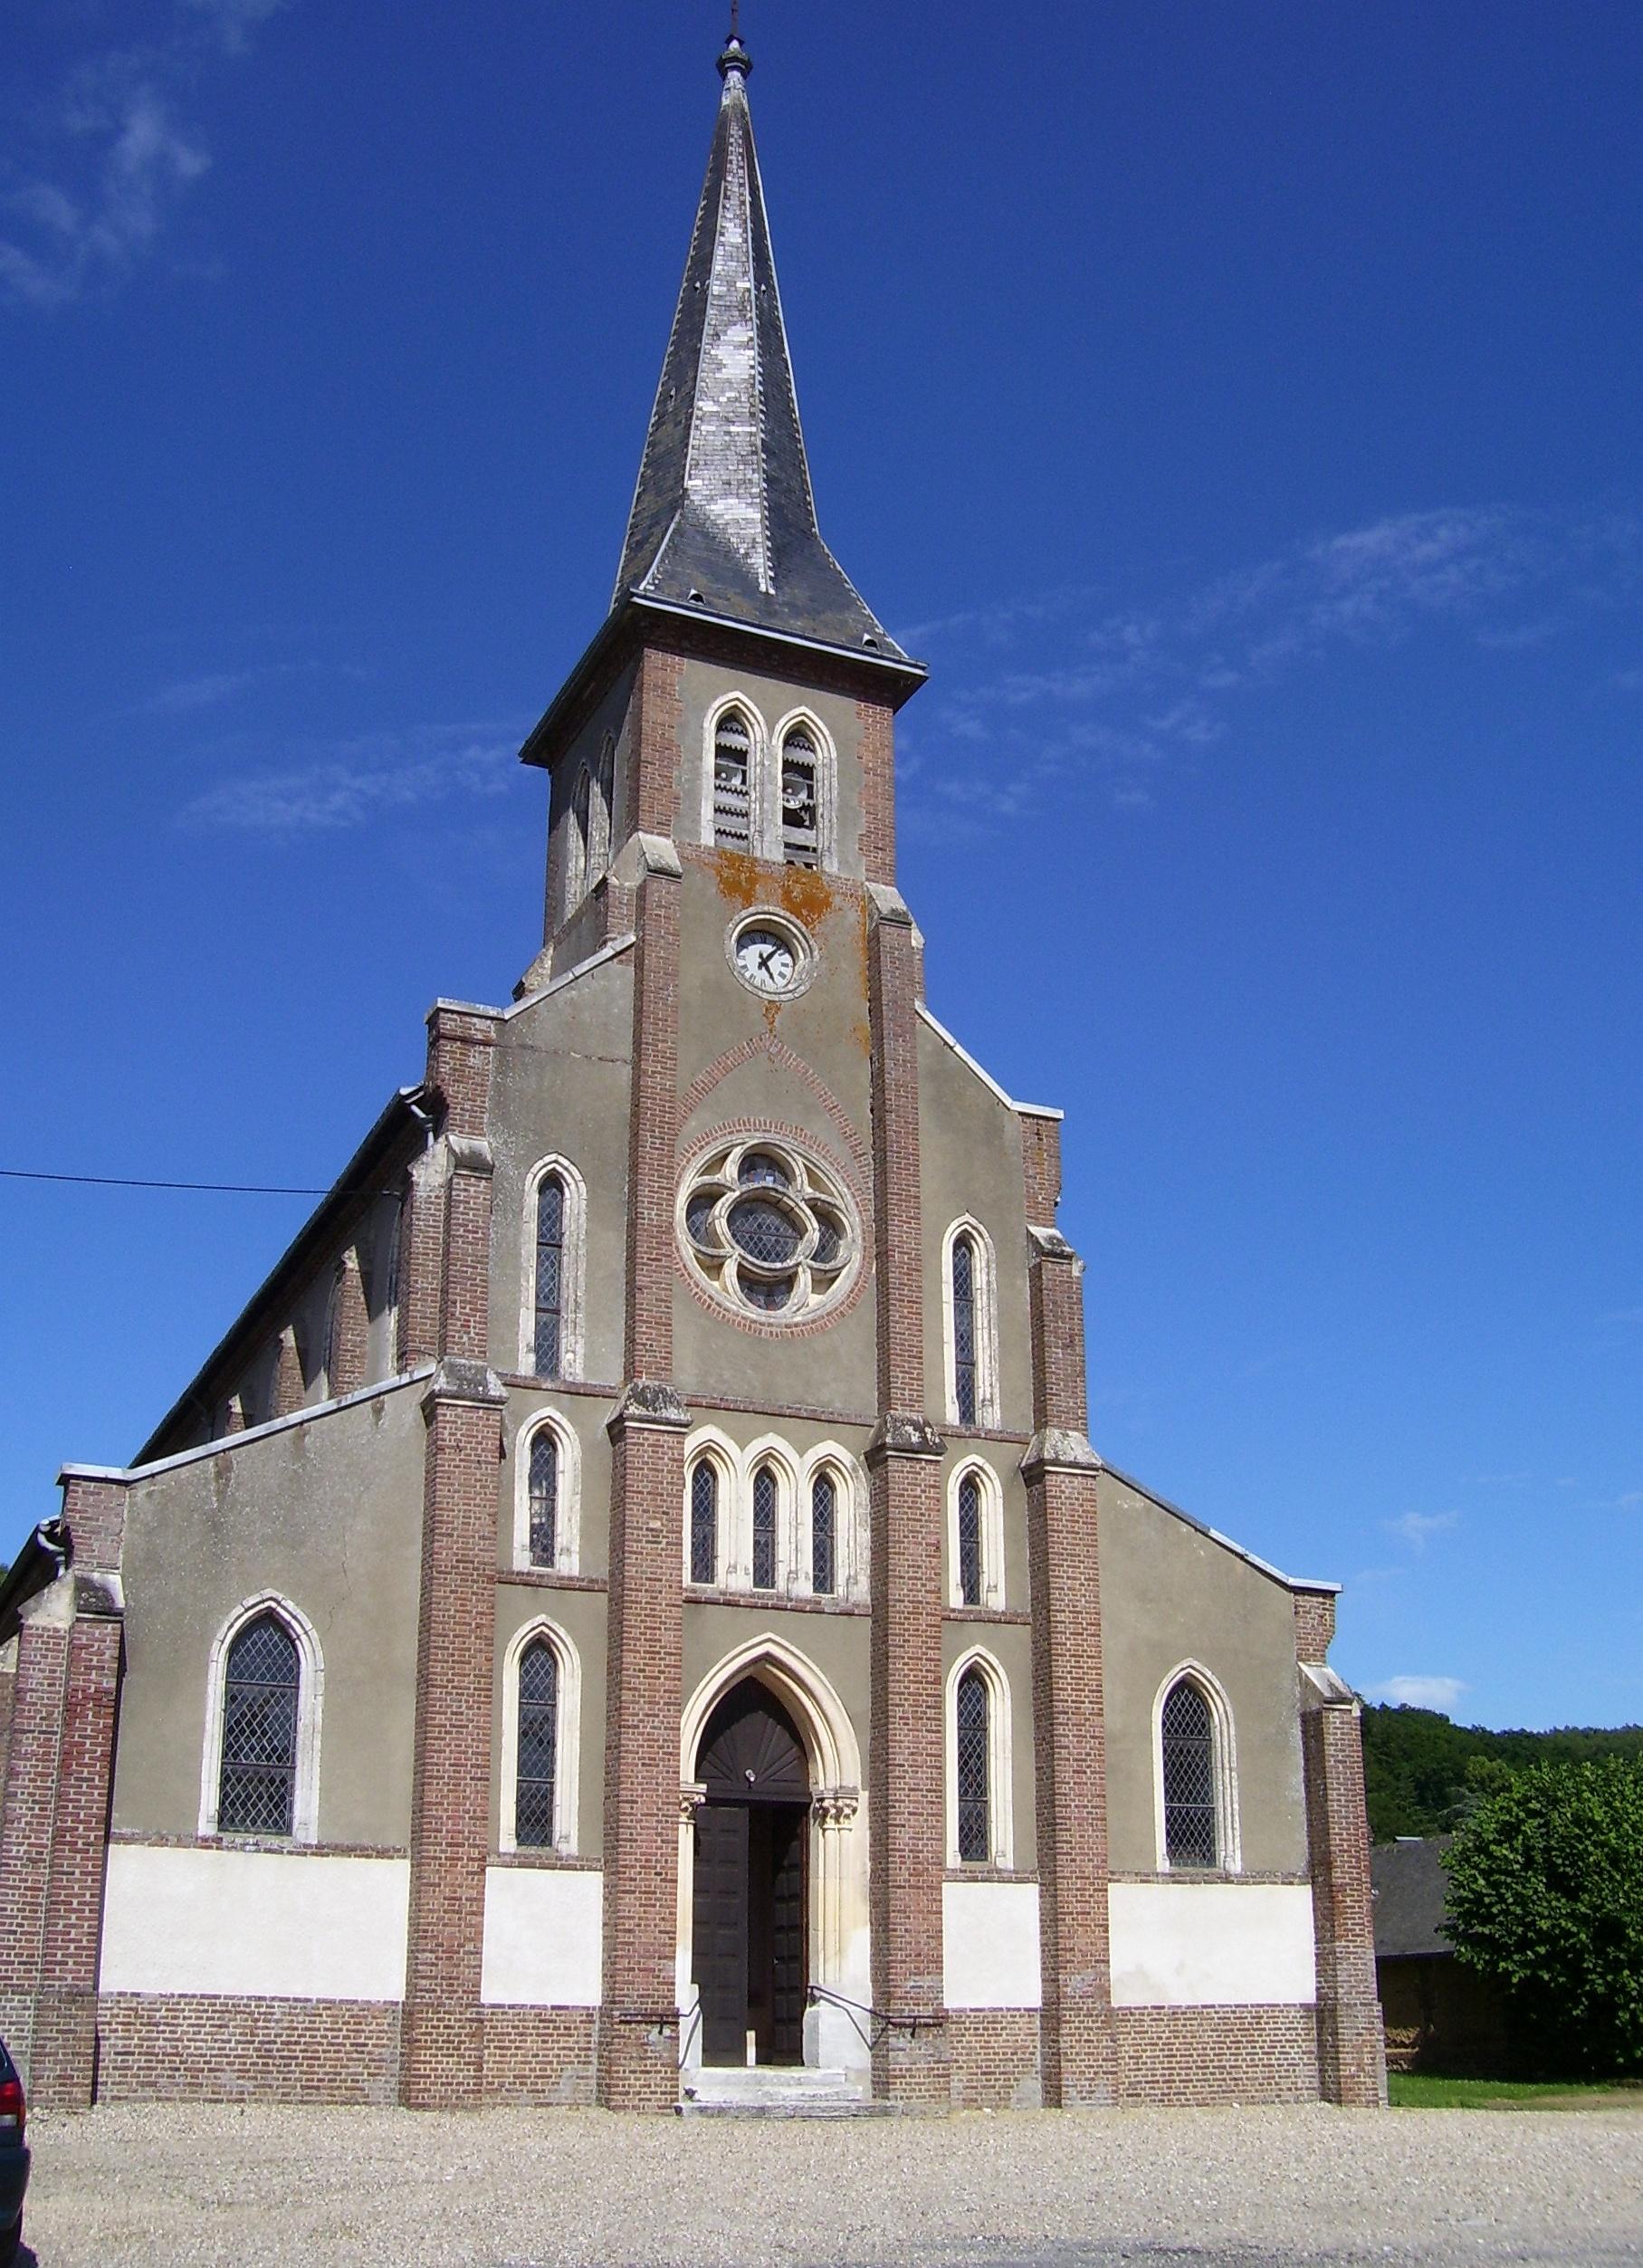 pont-authou église saint-louis